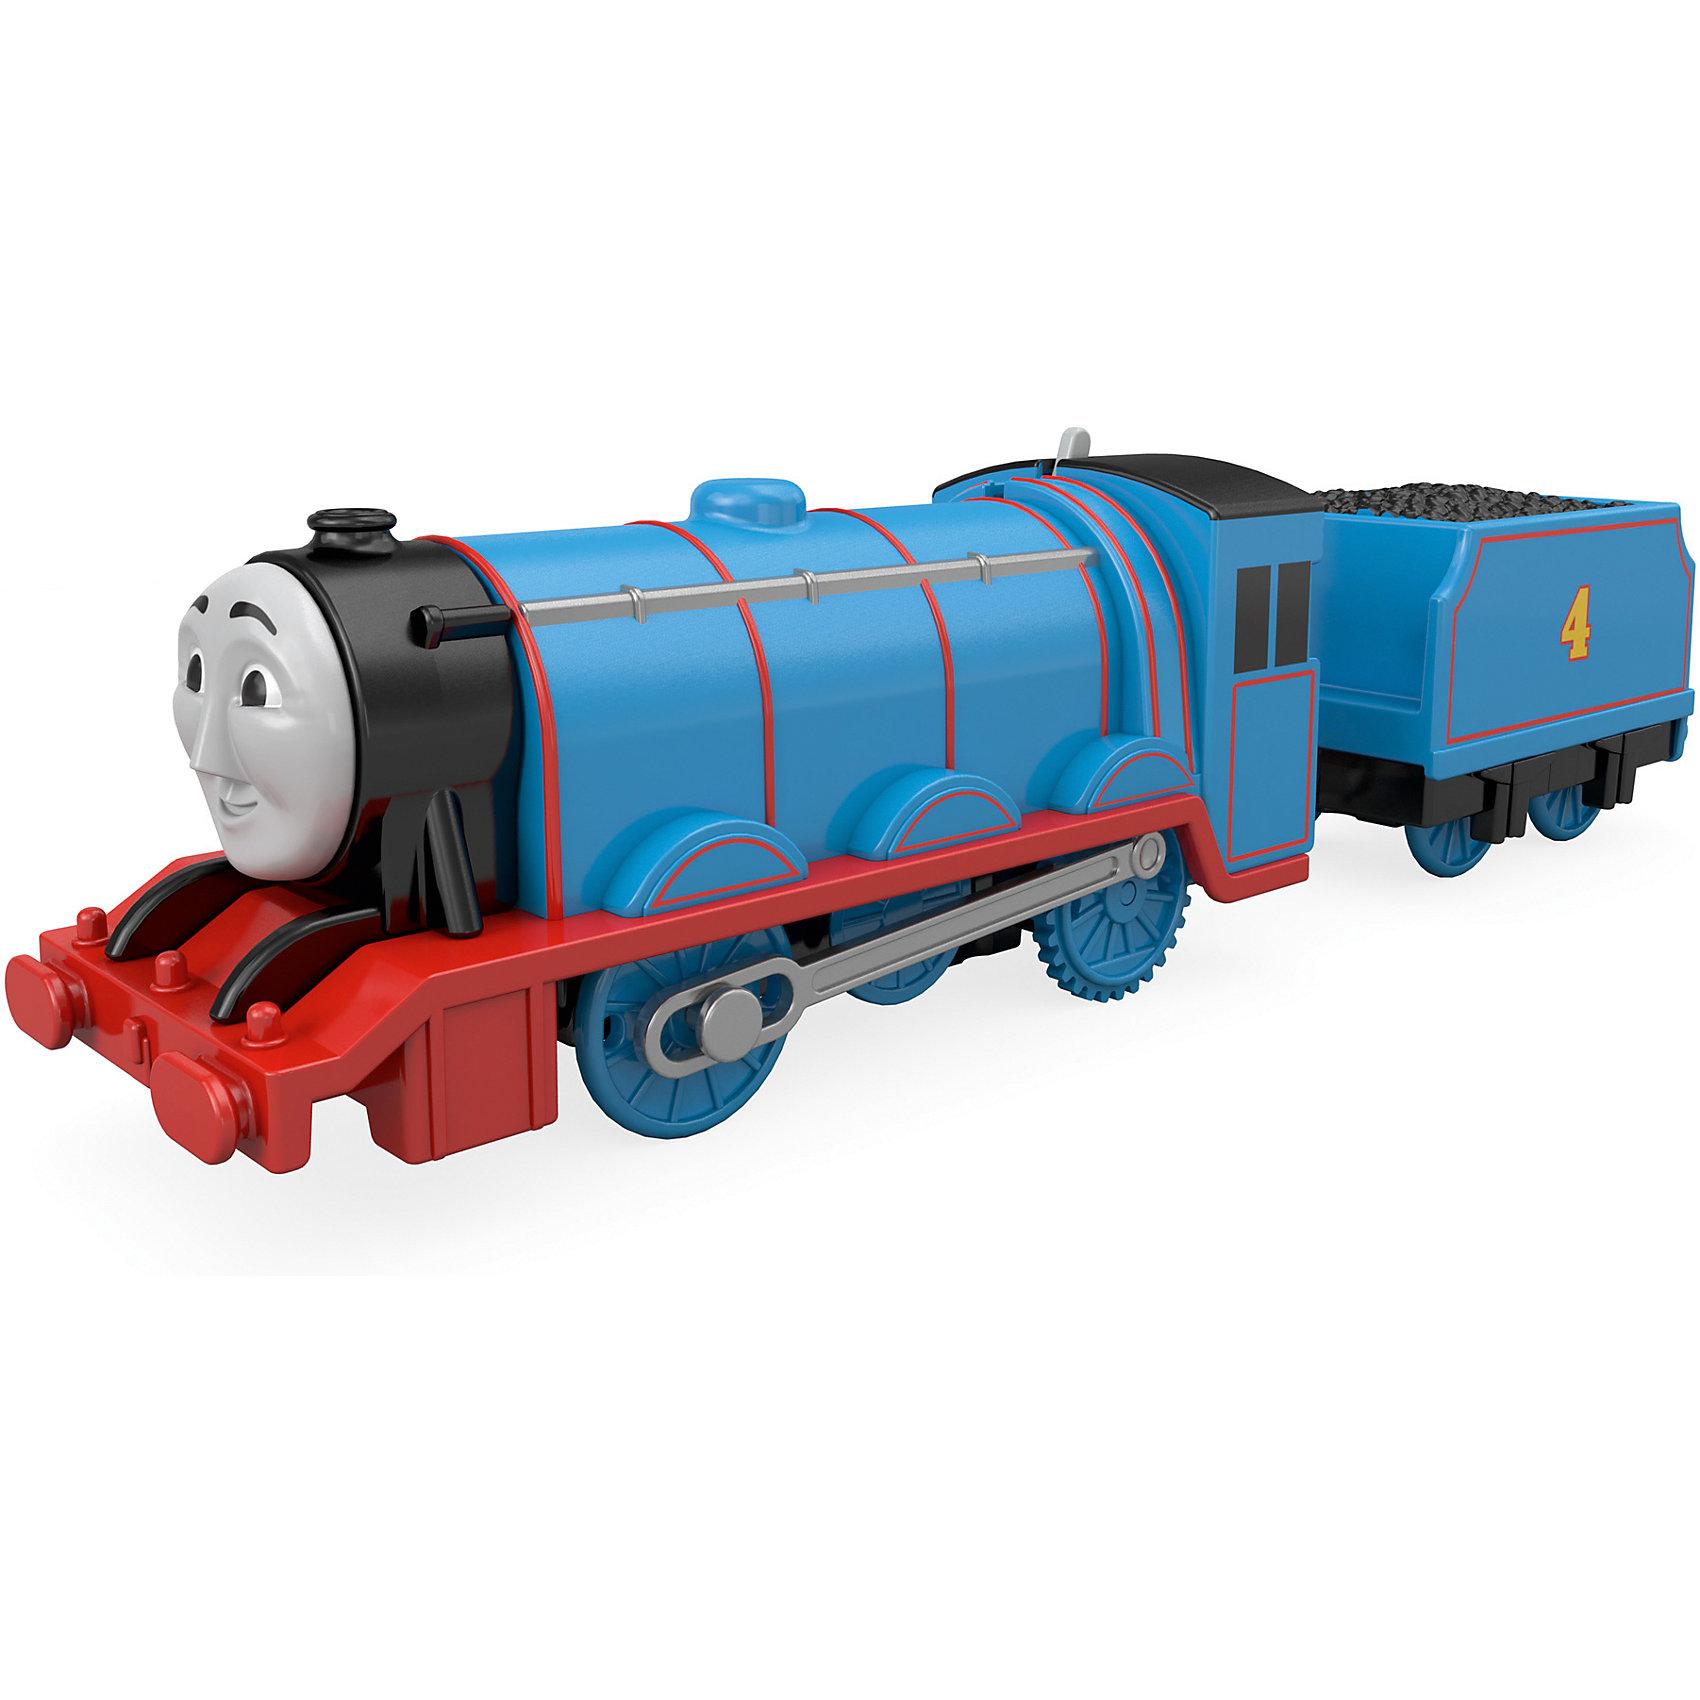 Mattel Базовые паровозики, Томас и его друзья mattel раскопки динозавров томас и его друзья